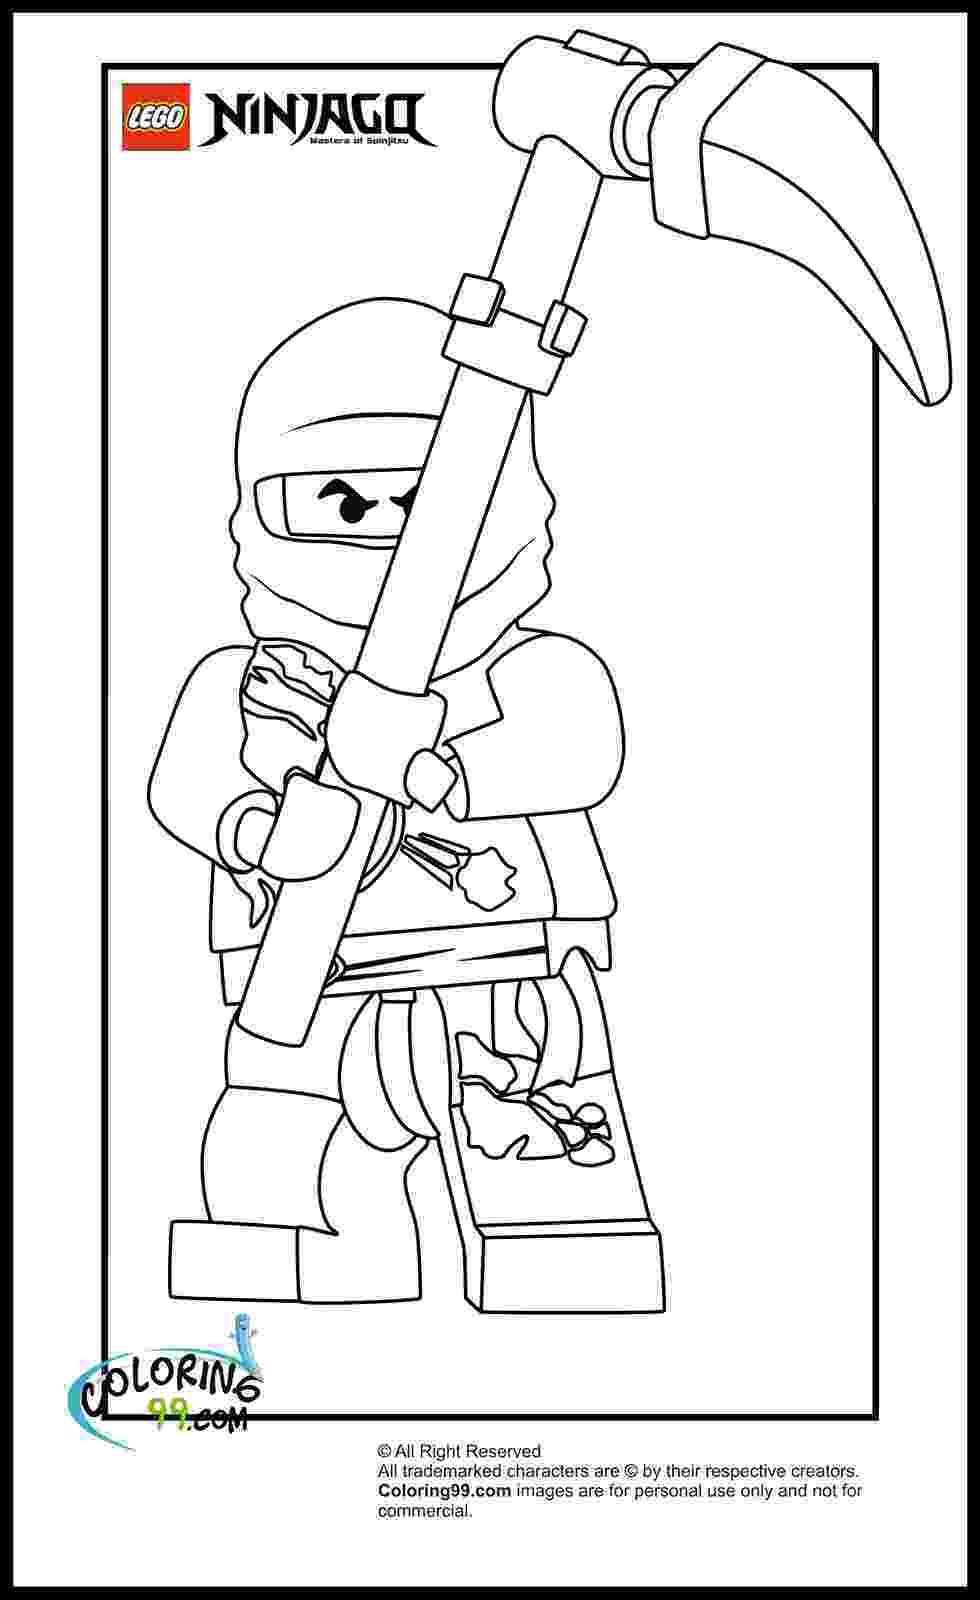 colouring pages for ninjago free printable ninjago coloring pages for kids ninjago colouring pages ninjago for